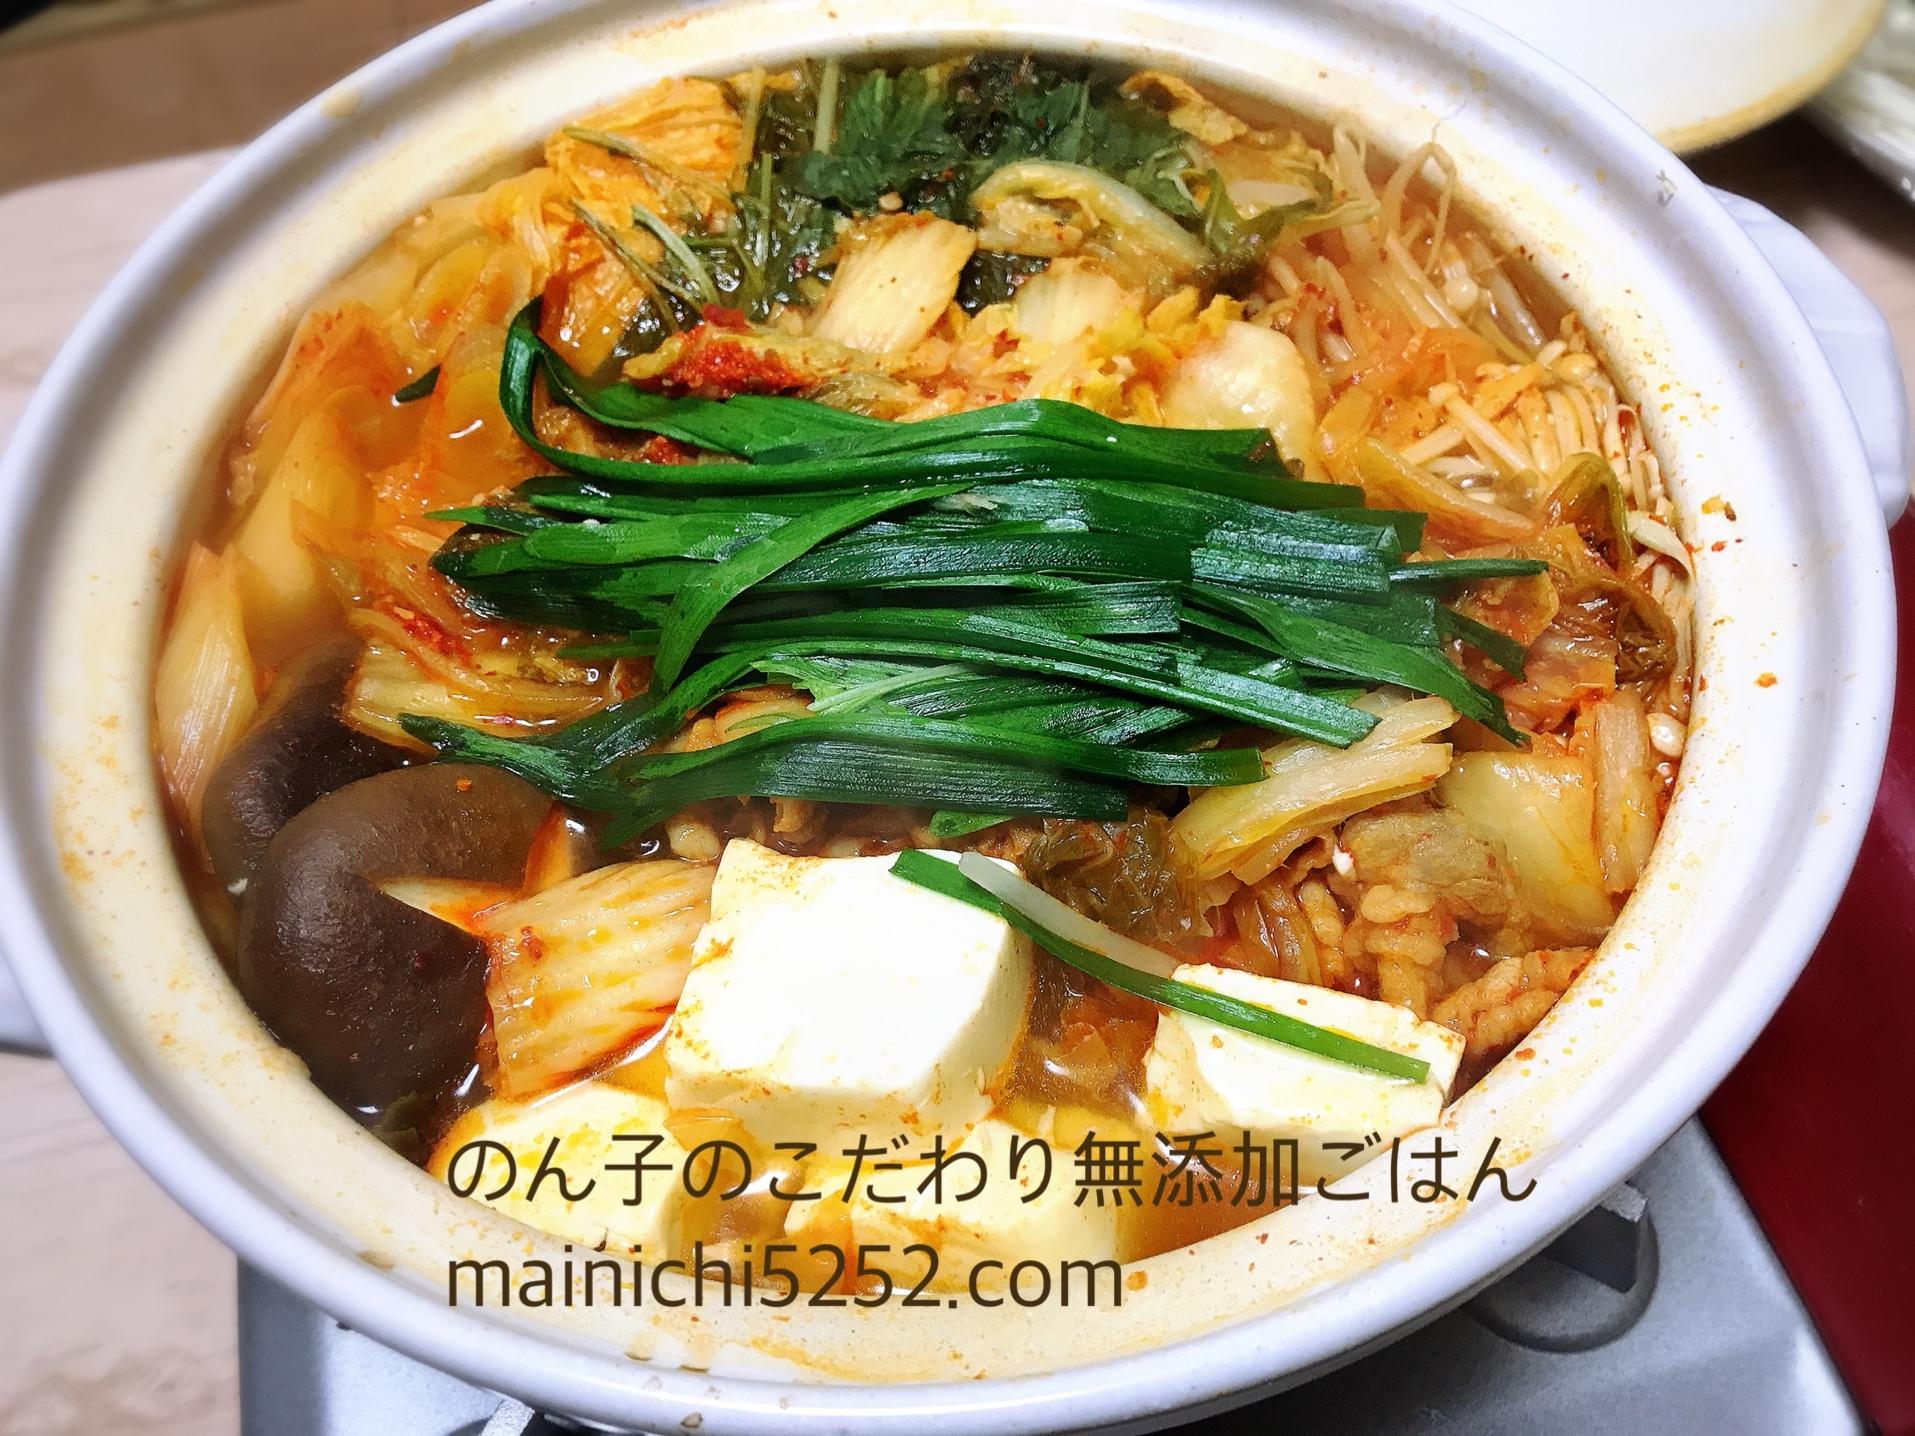 簡単なのに本格的!素なしで作るキムチ鍋 レシピ・作り方